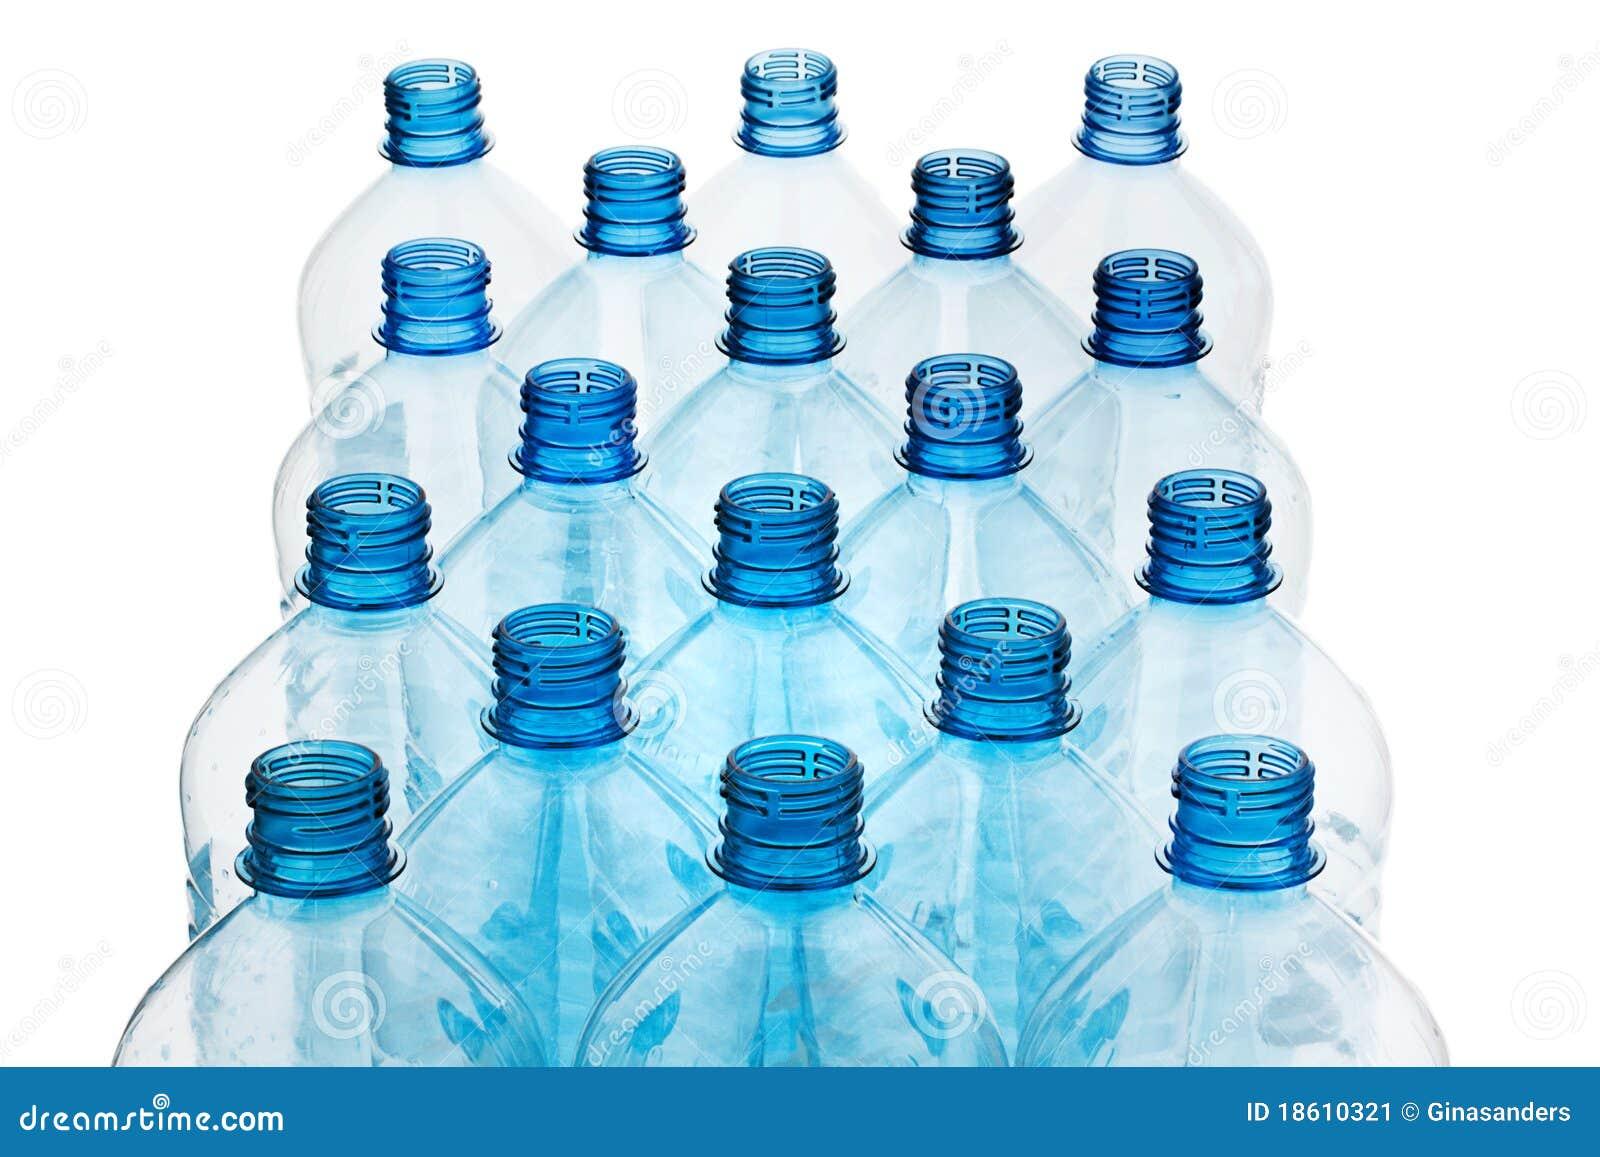 botella plstica botellas plsticas vacas imagen de archivo